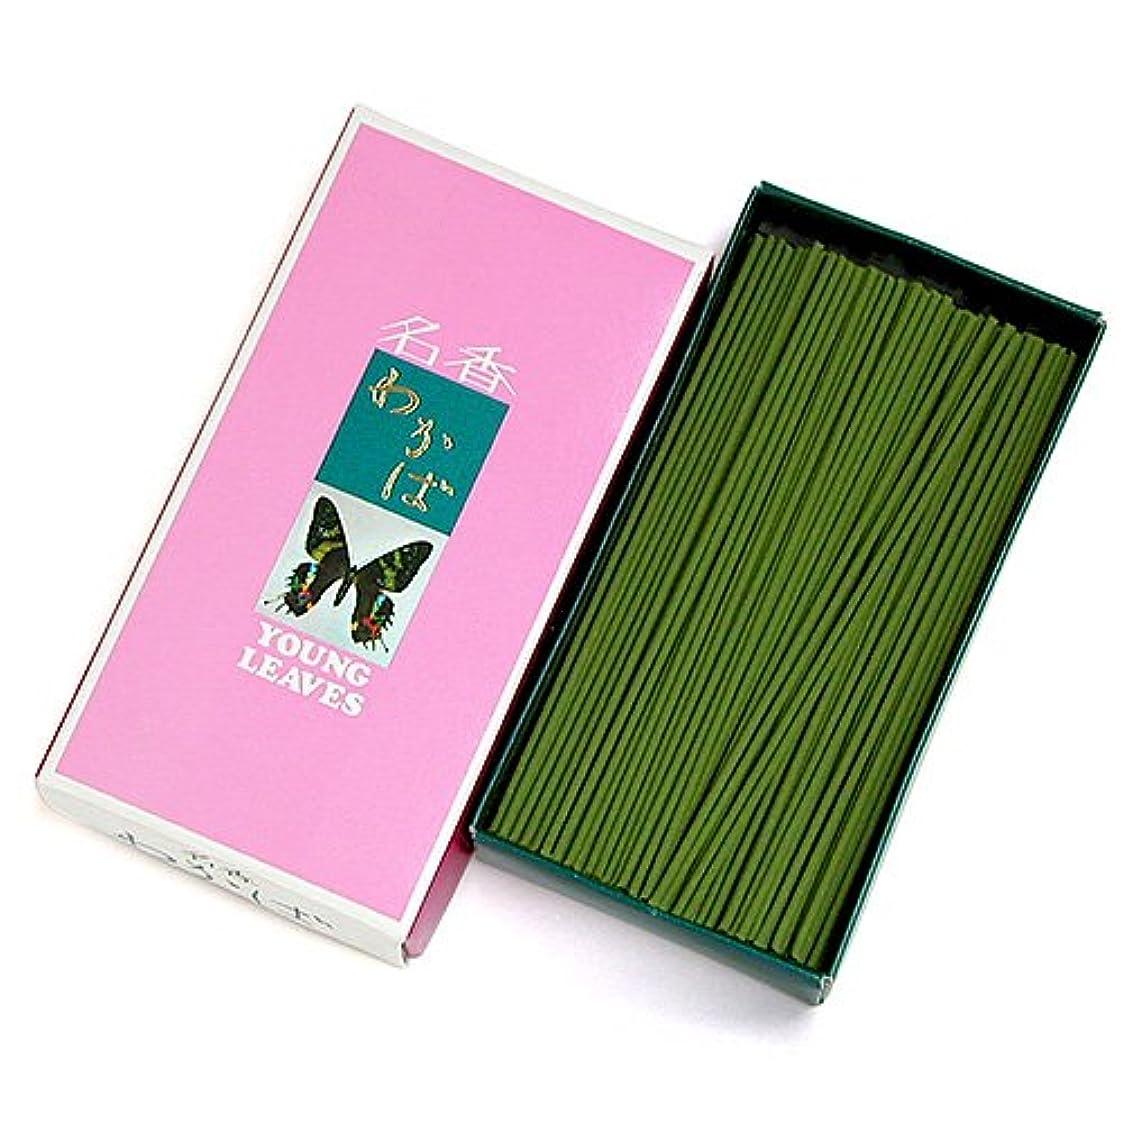 エコーボイコット唯一家庭用線香 わかば(箱寸法16×8.5×3.5cm)◆香木と調和した香水の香りのお線香(大発)